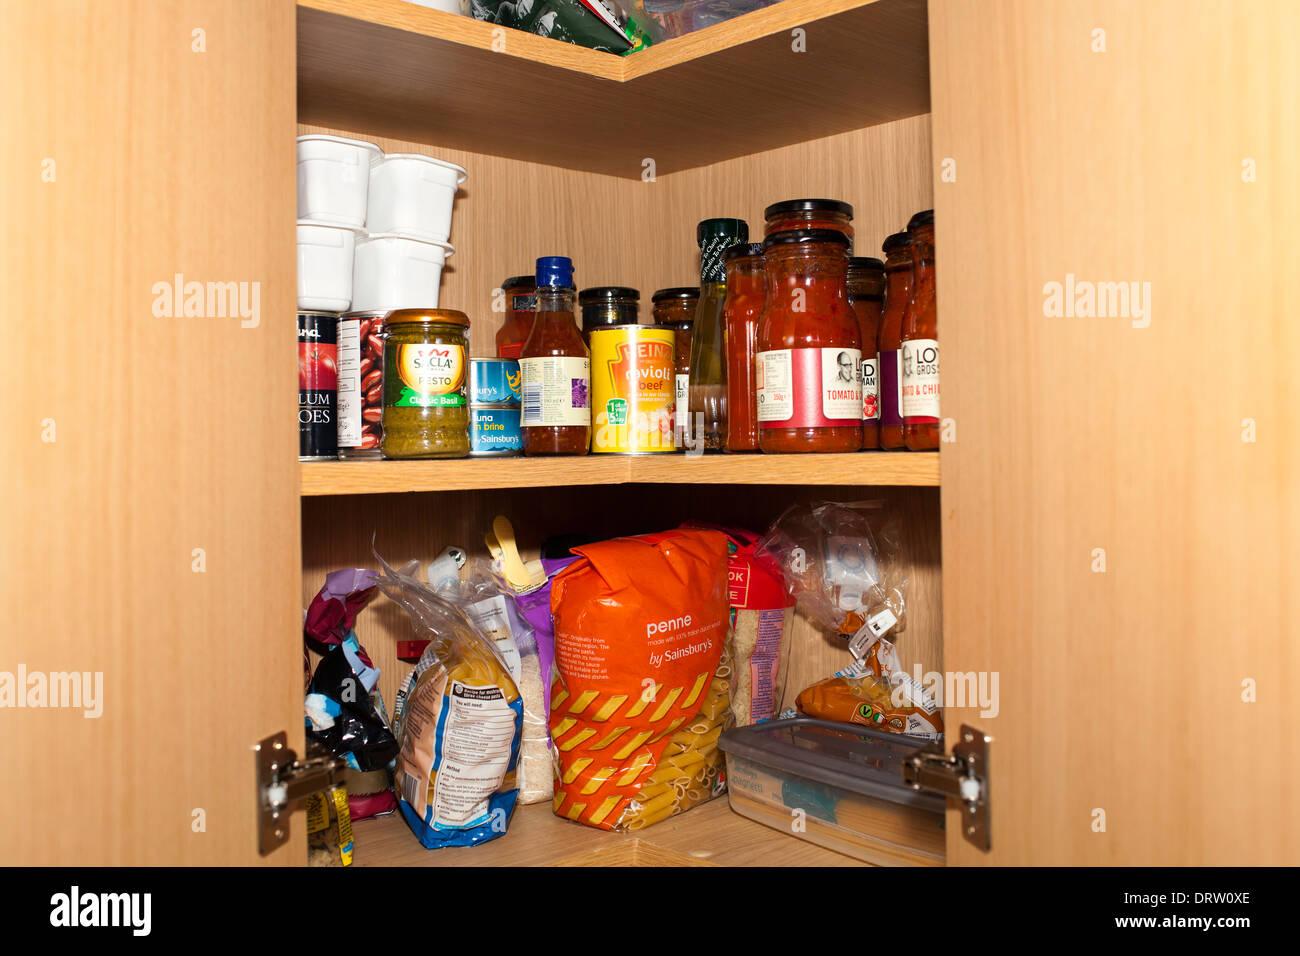 Kitchen Cupboard Stockfotos & Kitchen Cupboard Bilder - Alamy